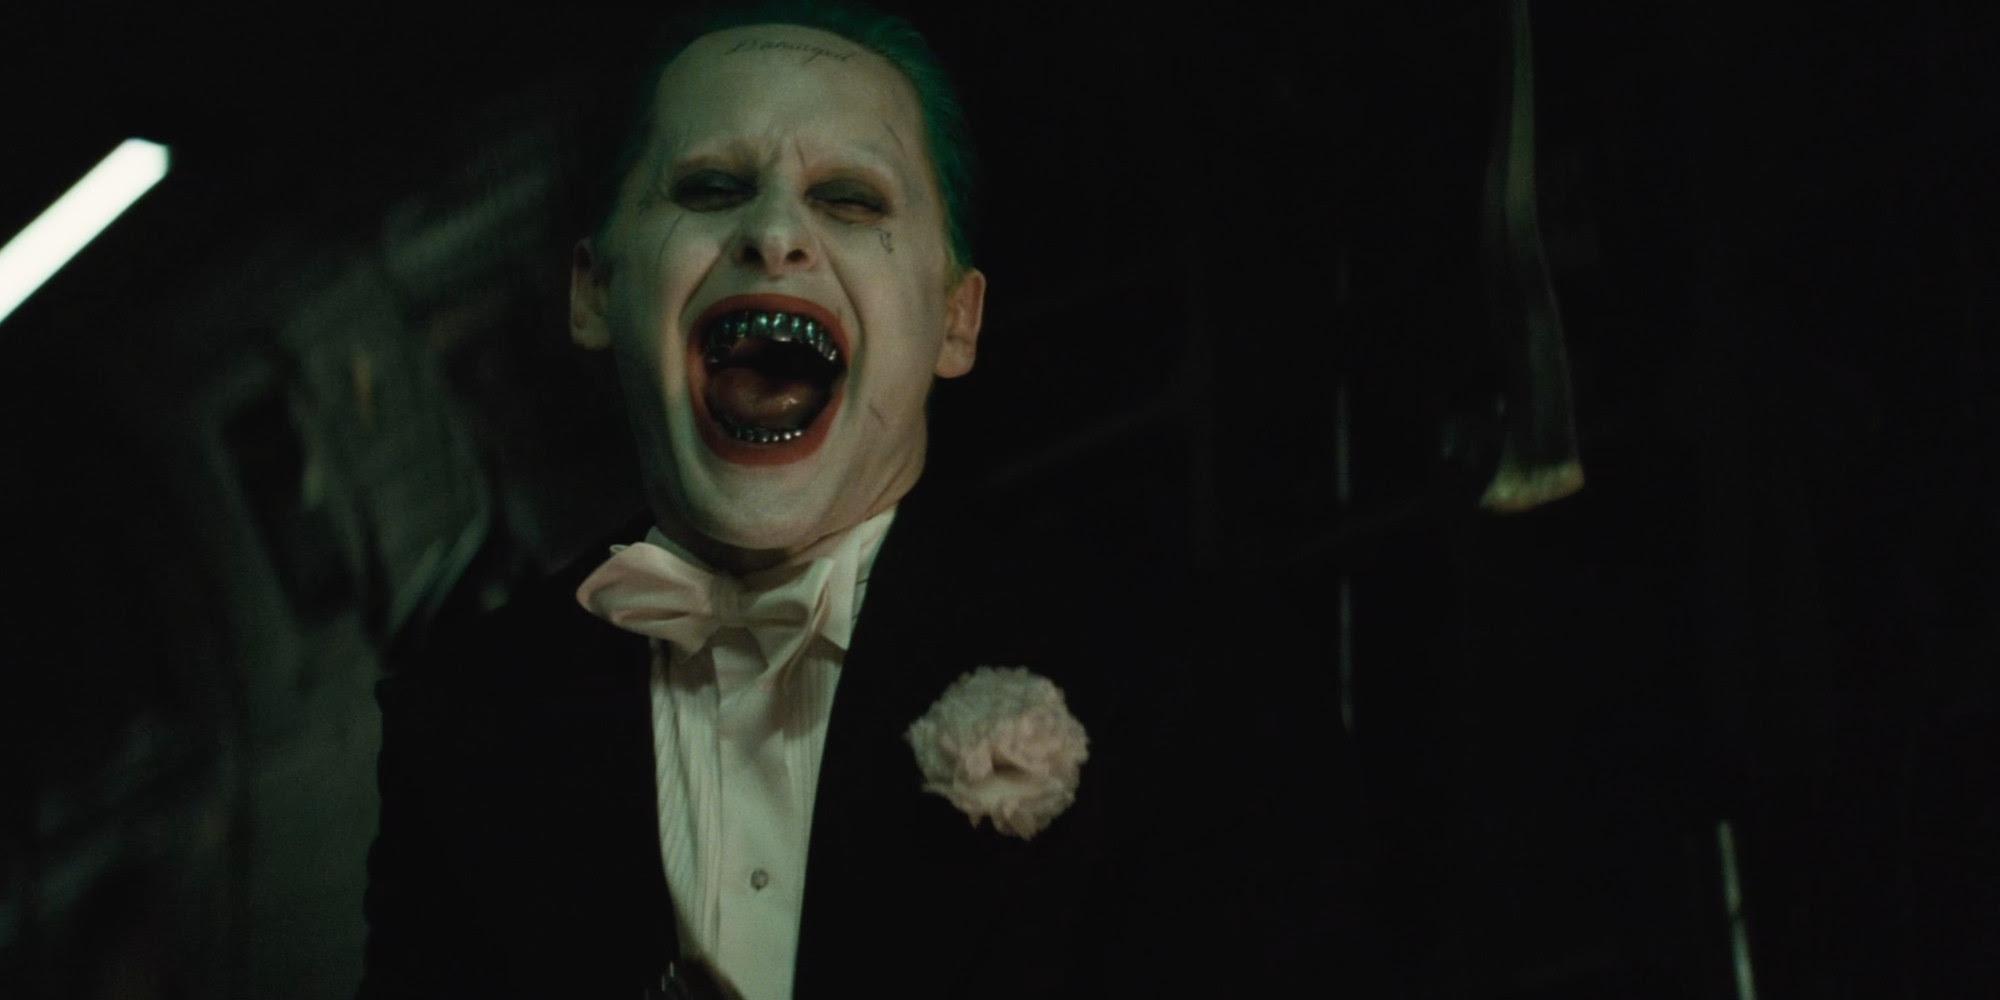 Increible Imagenes De Harley Quinn Y Joker Con Frases De Amor Harley